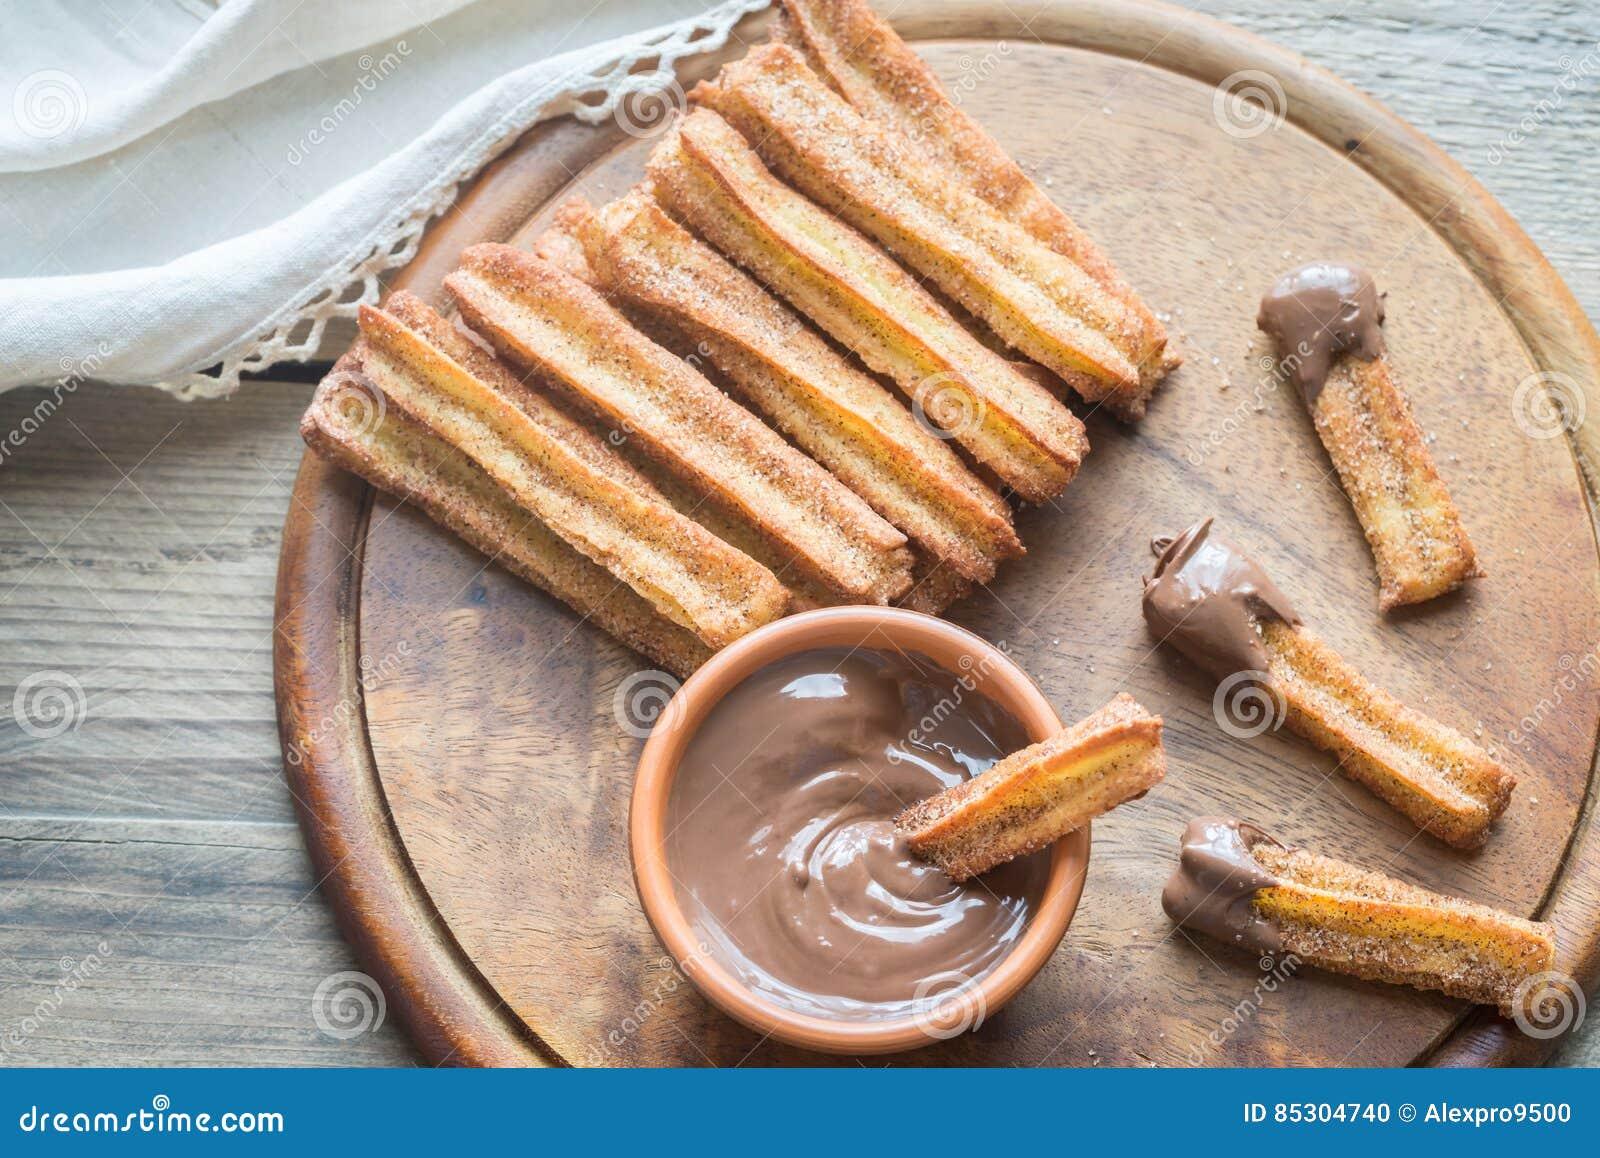 Churros - berühmter spanischer Nachtisch mit Schokoladensoße